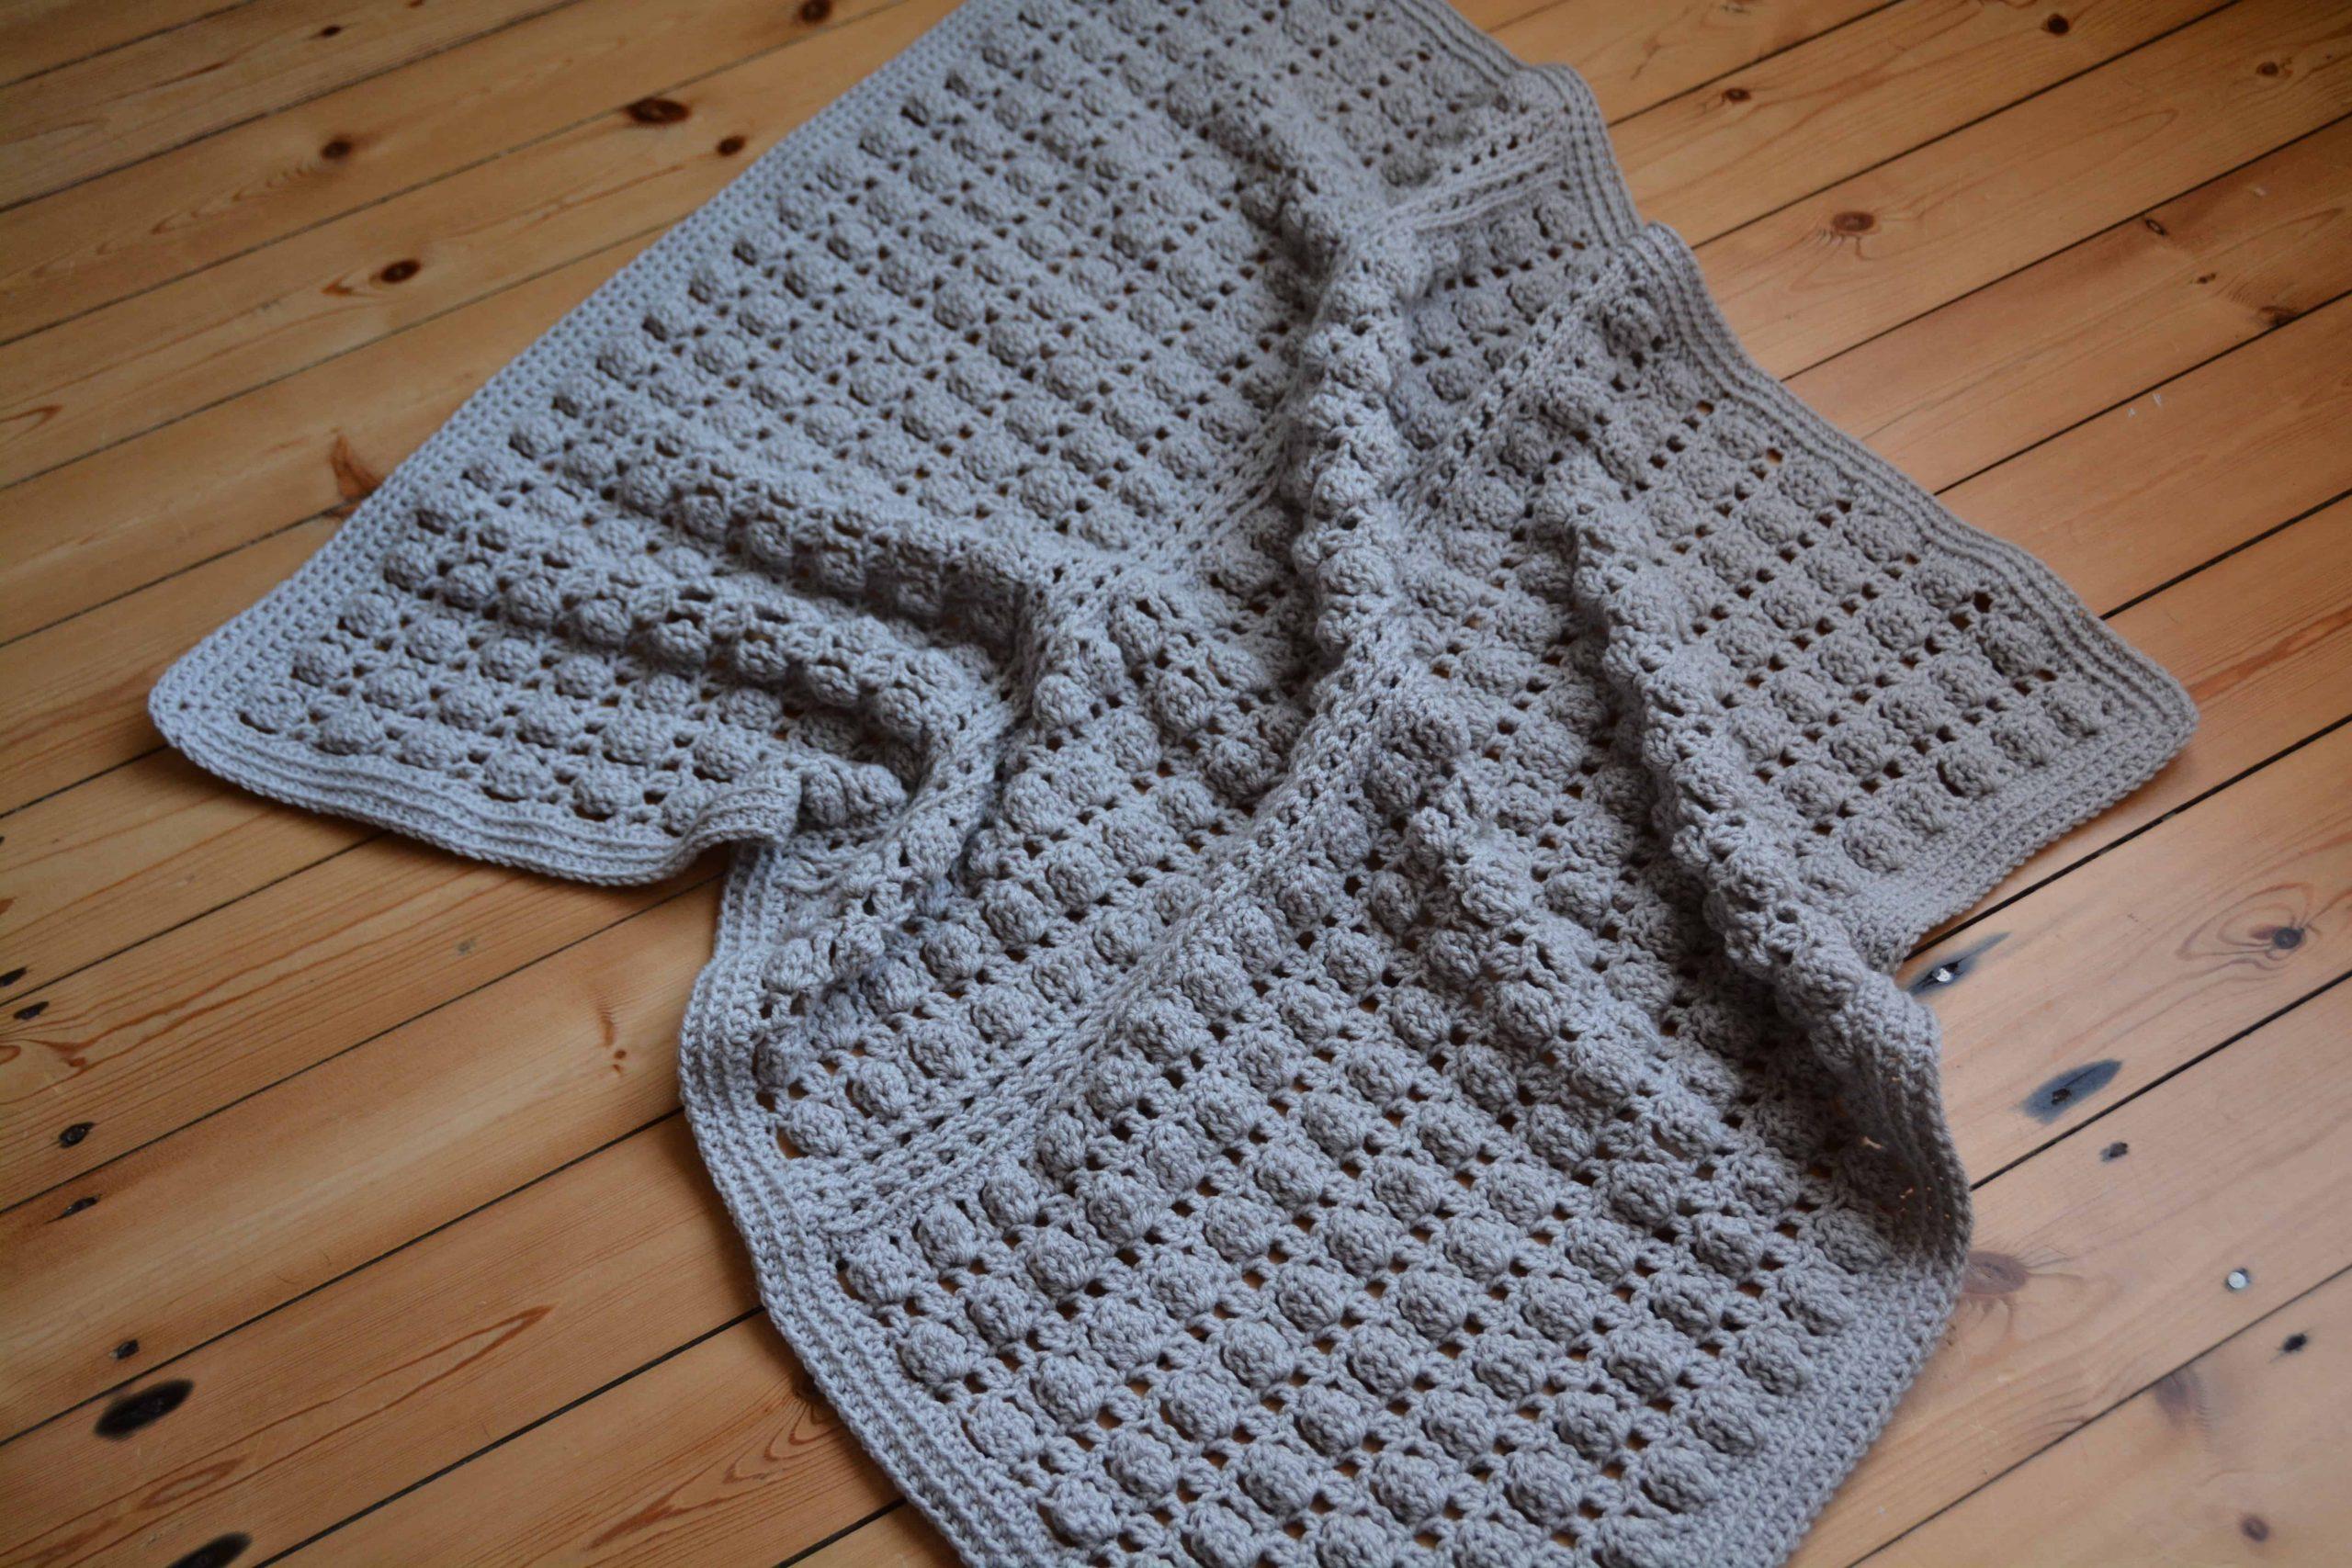 free crochet pattern by Hannah Cross HanJan Crochet, Oyster Shell crochet baby blanket. Learn to cluster stitch in crochet.